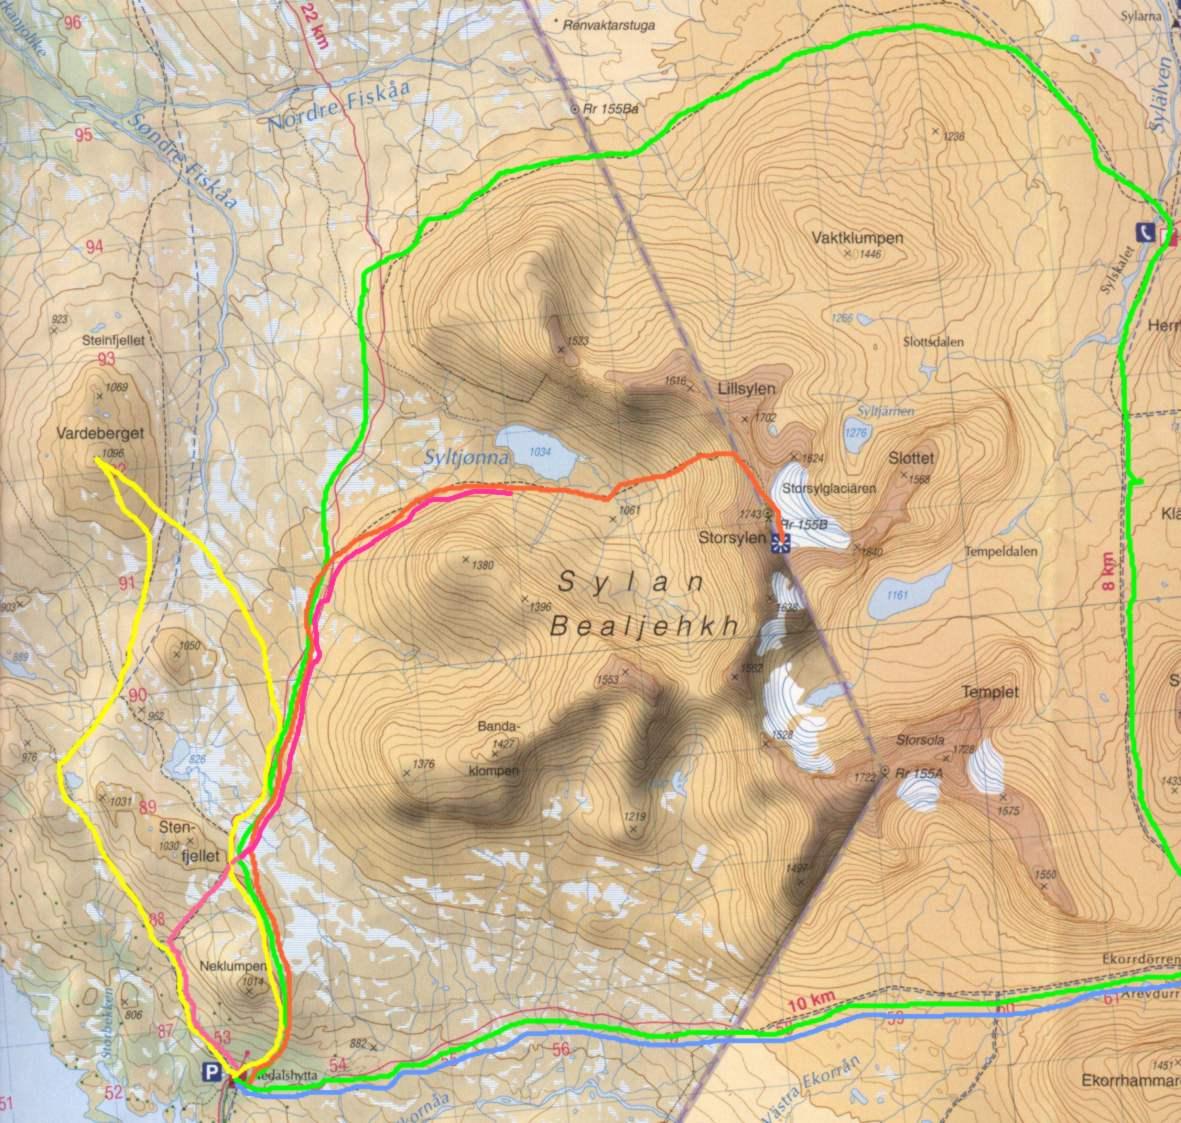 sylan kart 2002091 Fjelltur i Sylane sylan kart